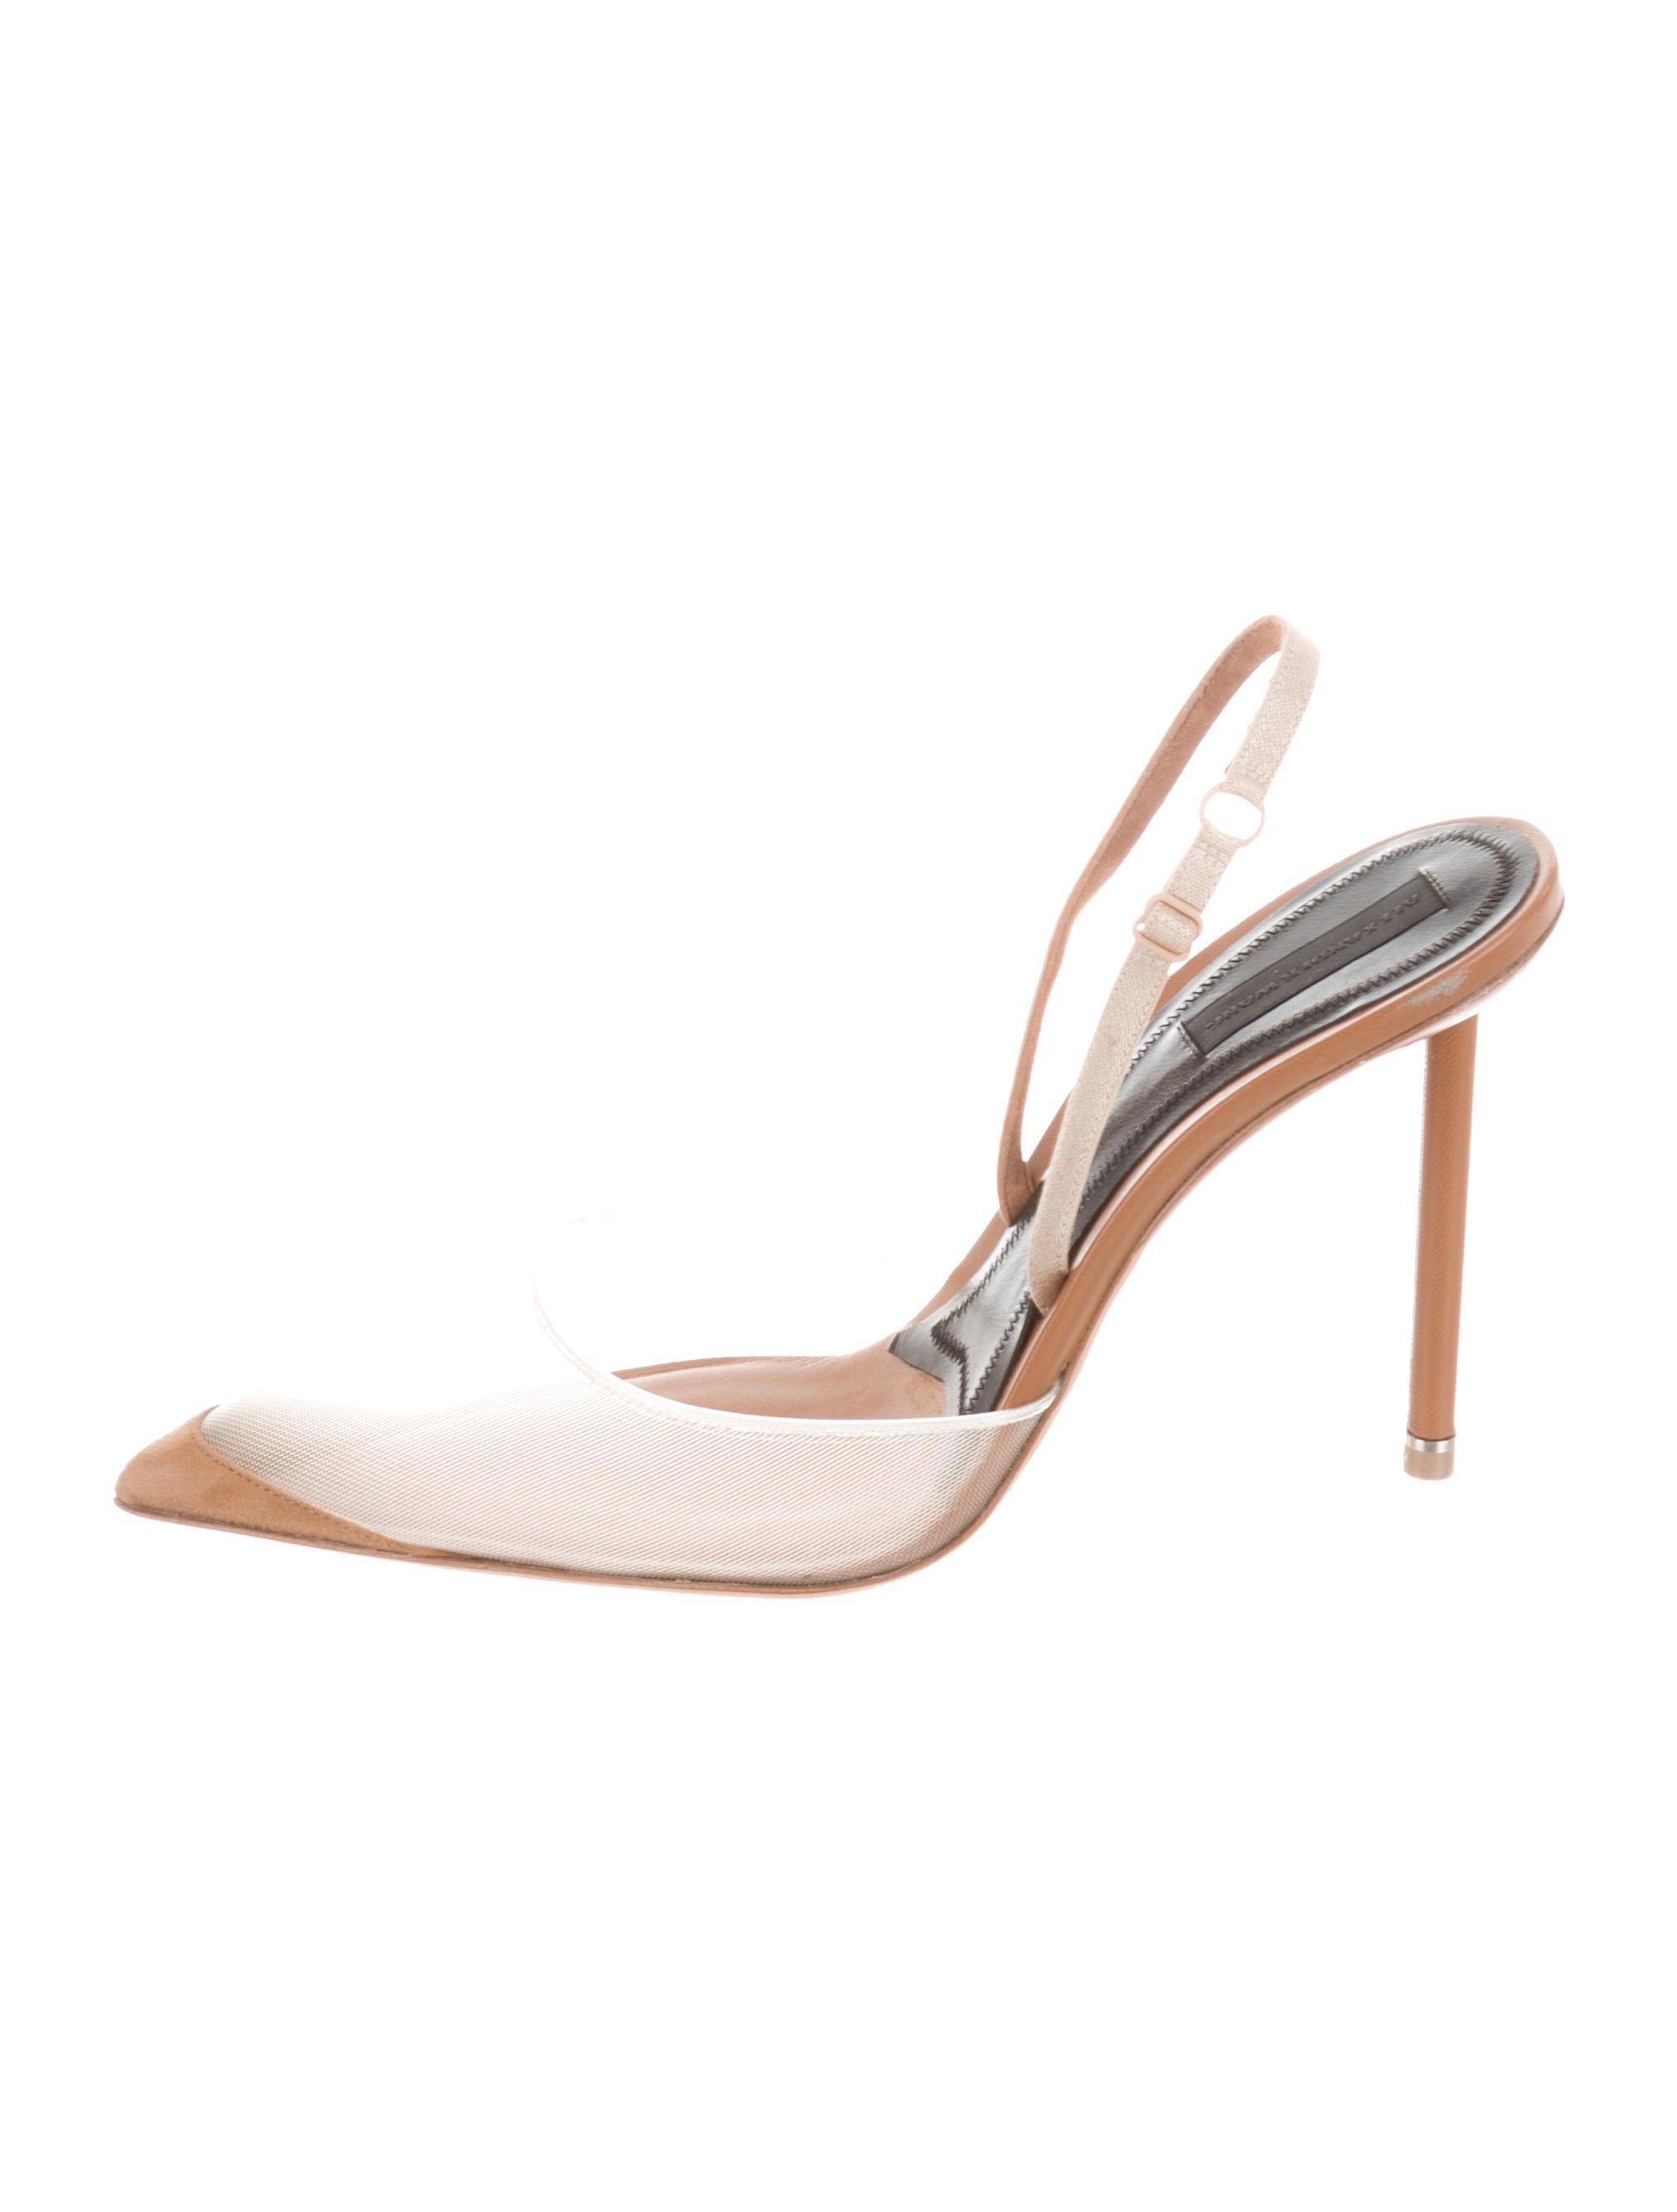 1f255394942d Alexander Wang Mesh Alix Slingbacks - Shoes - ALX49607